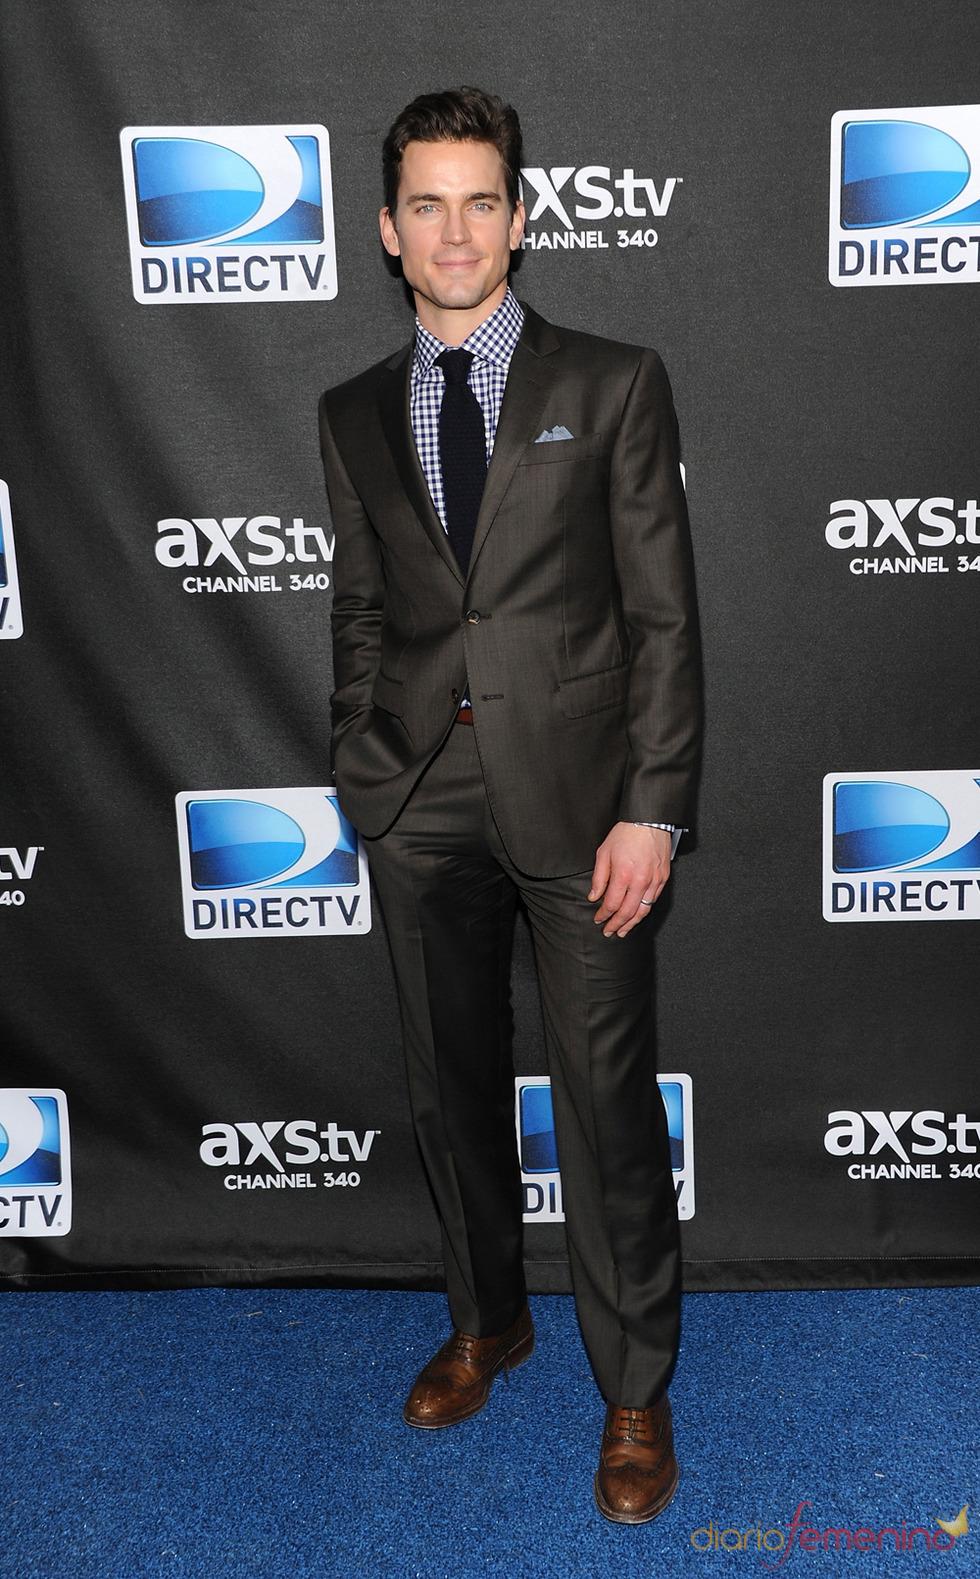 Matt Bomer, favorito para ser Christian Grey, en la fiesta del super sábado de DirecTV en 2013